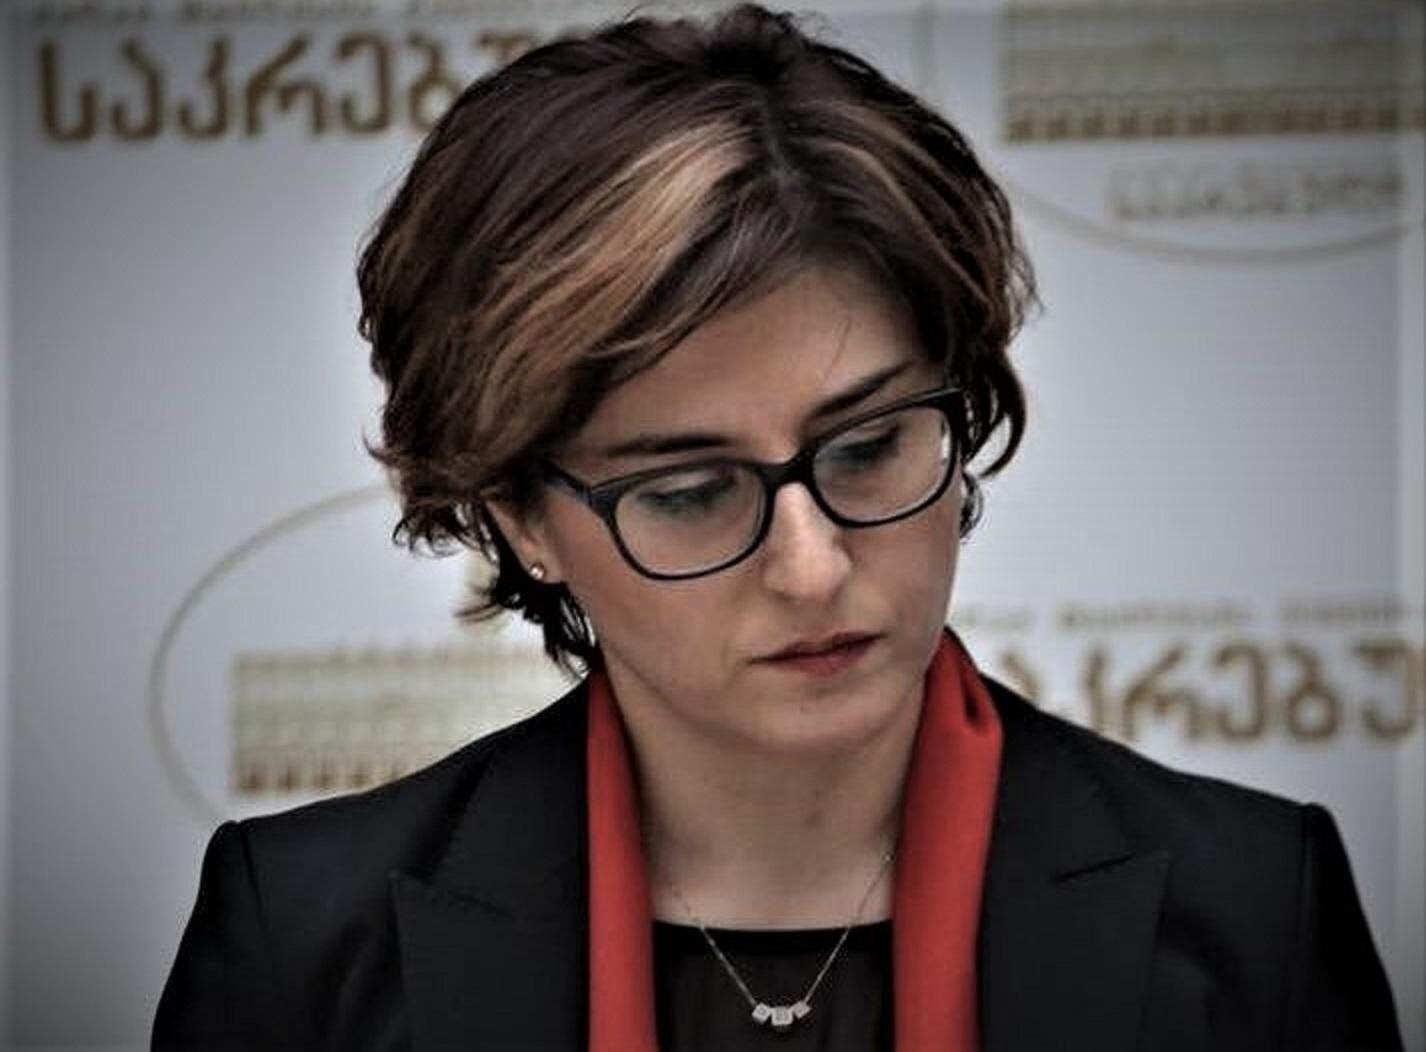 Khatuna Samnidze 2 #новости кризис Мечты, Республиканская партия, Хатуна Самнидзе